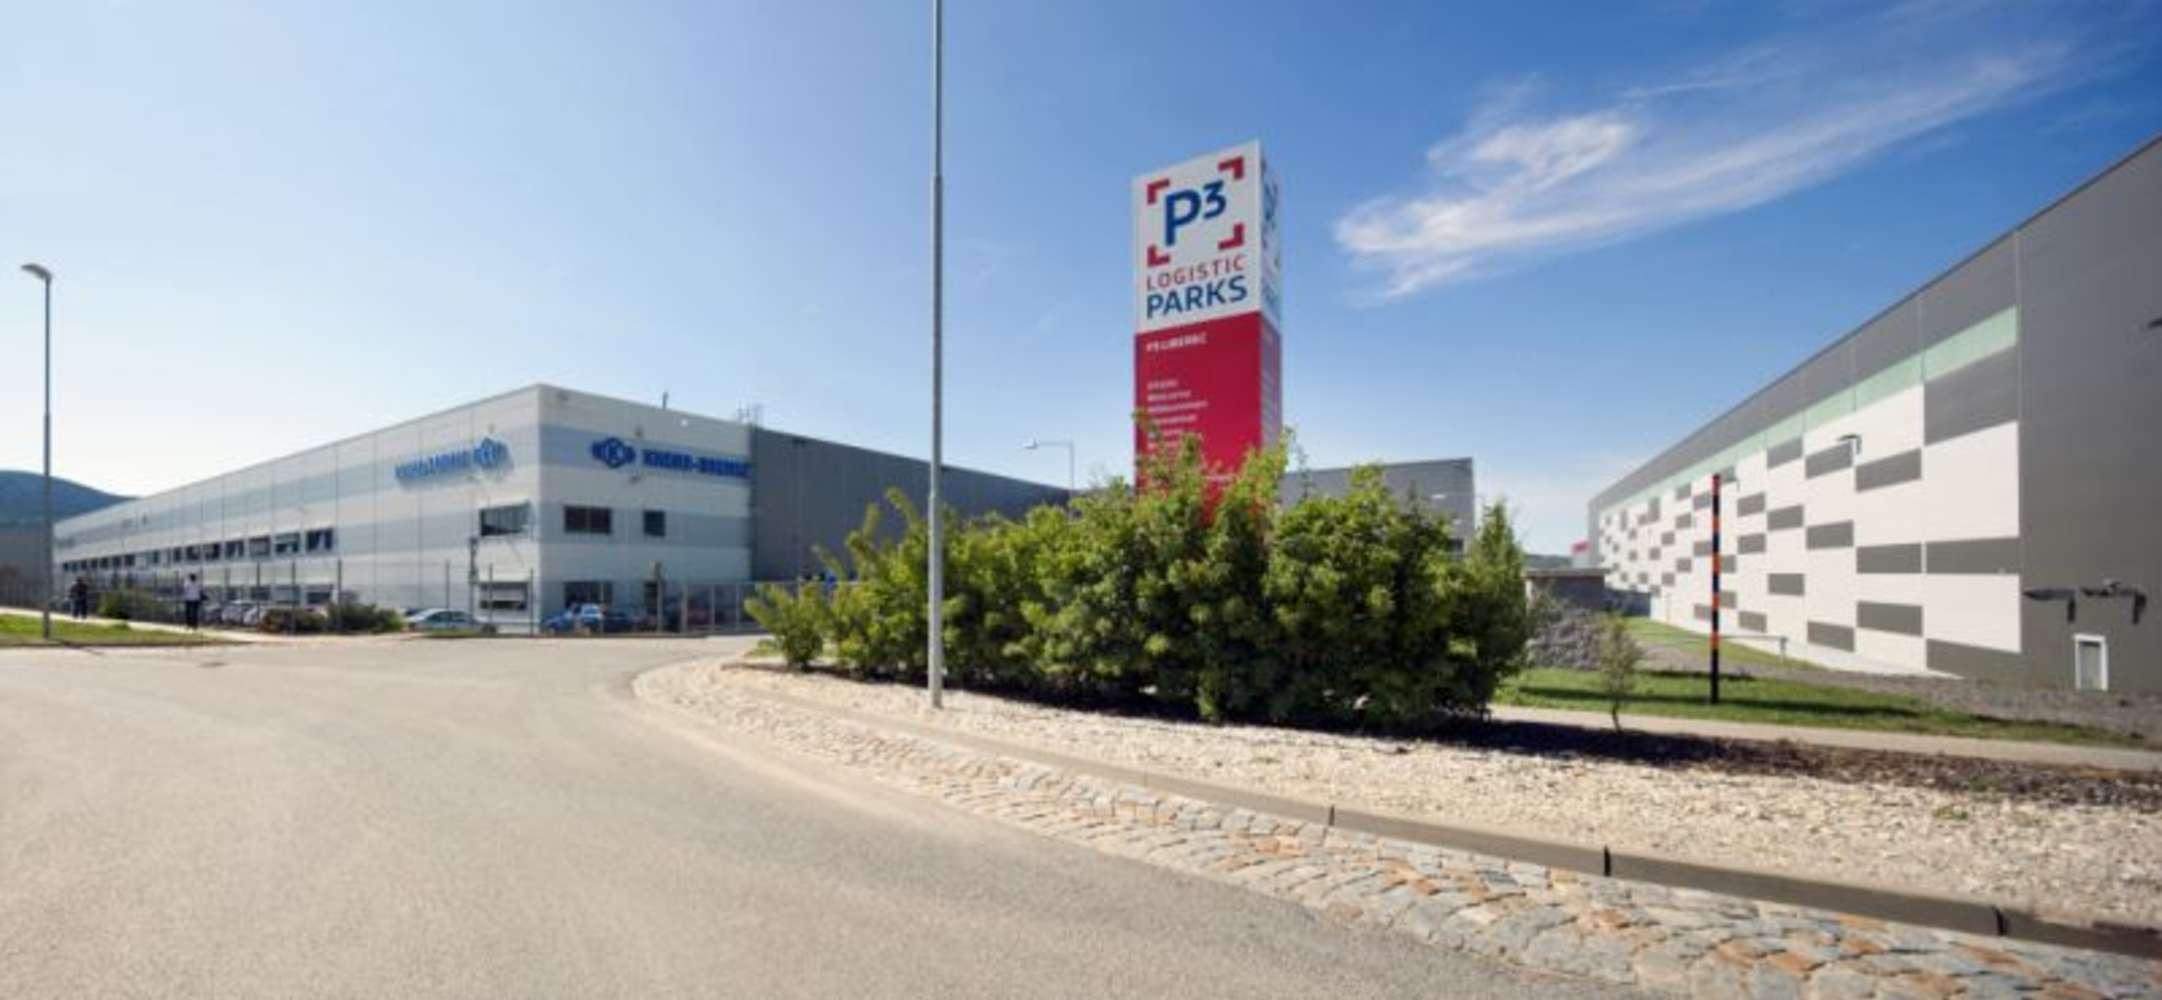 Průmyslové nemovitosti Liberec,  - P3 Liberec - 211615659032398